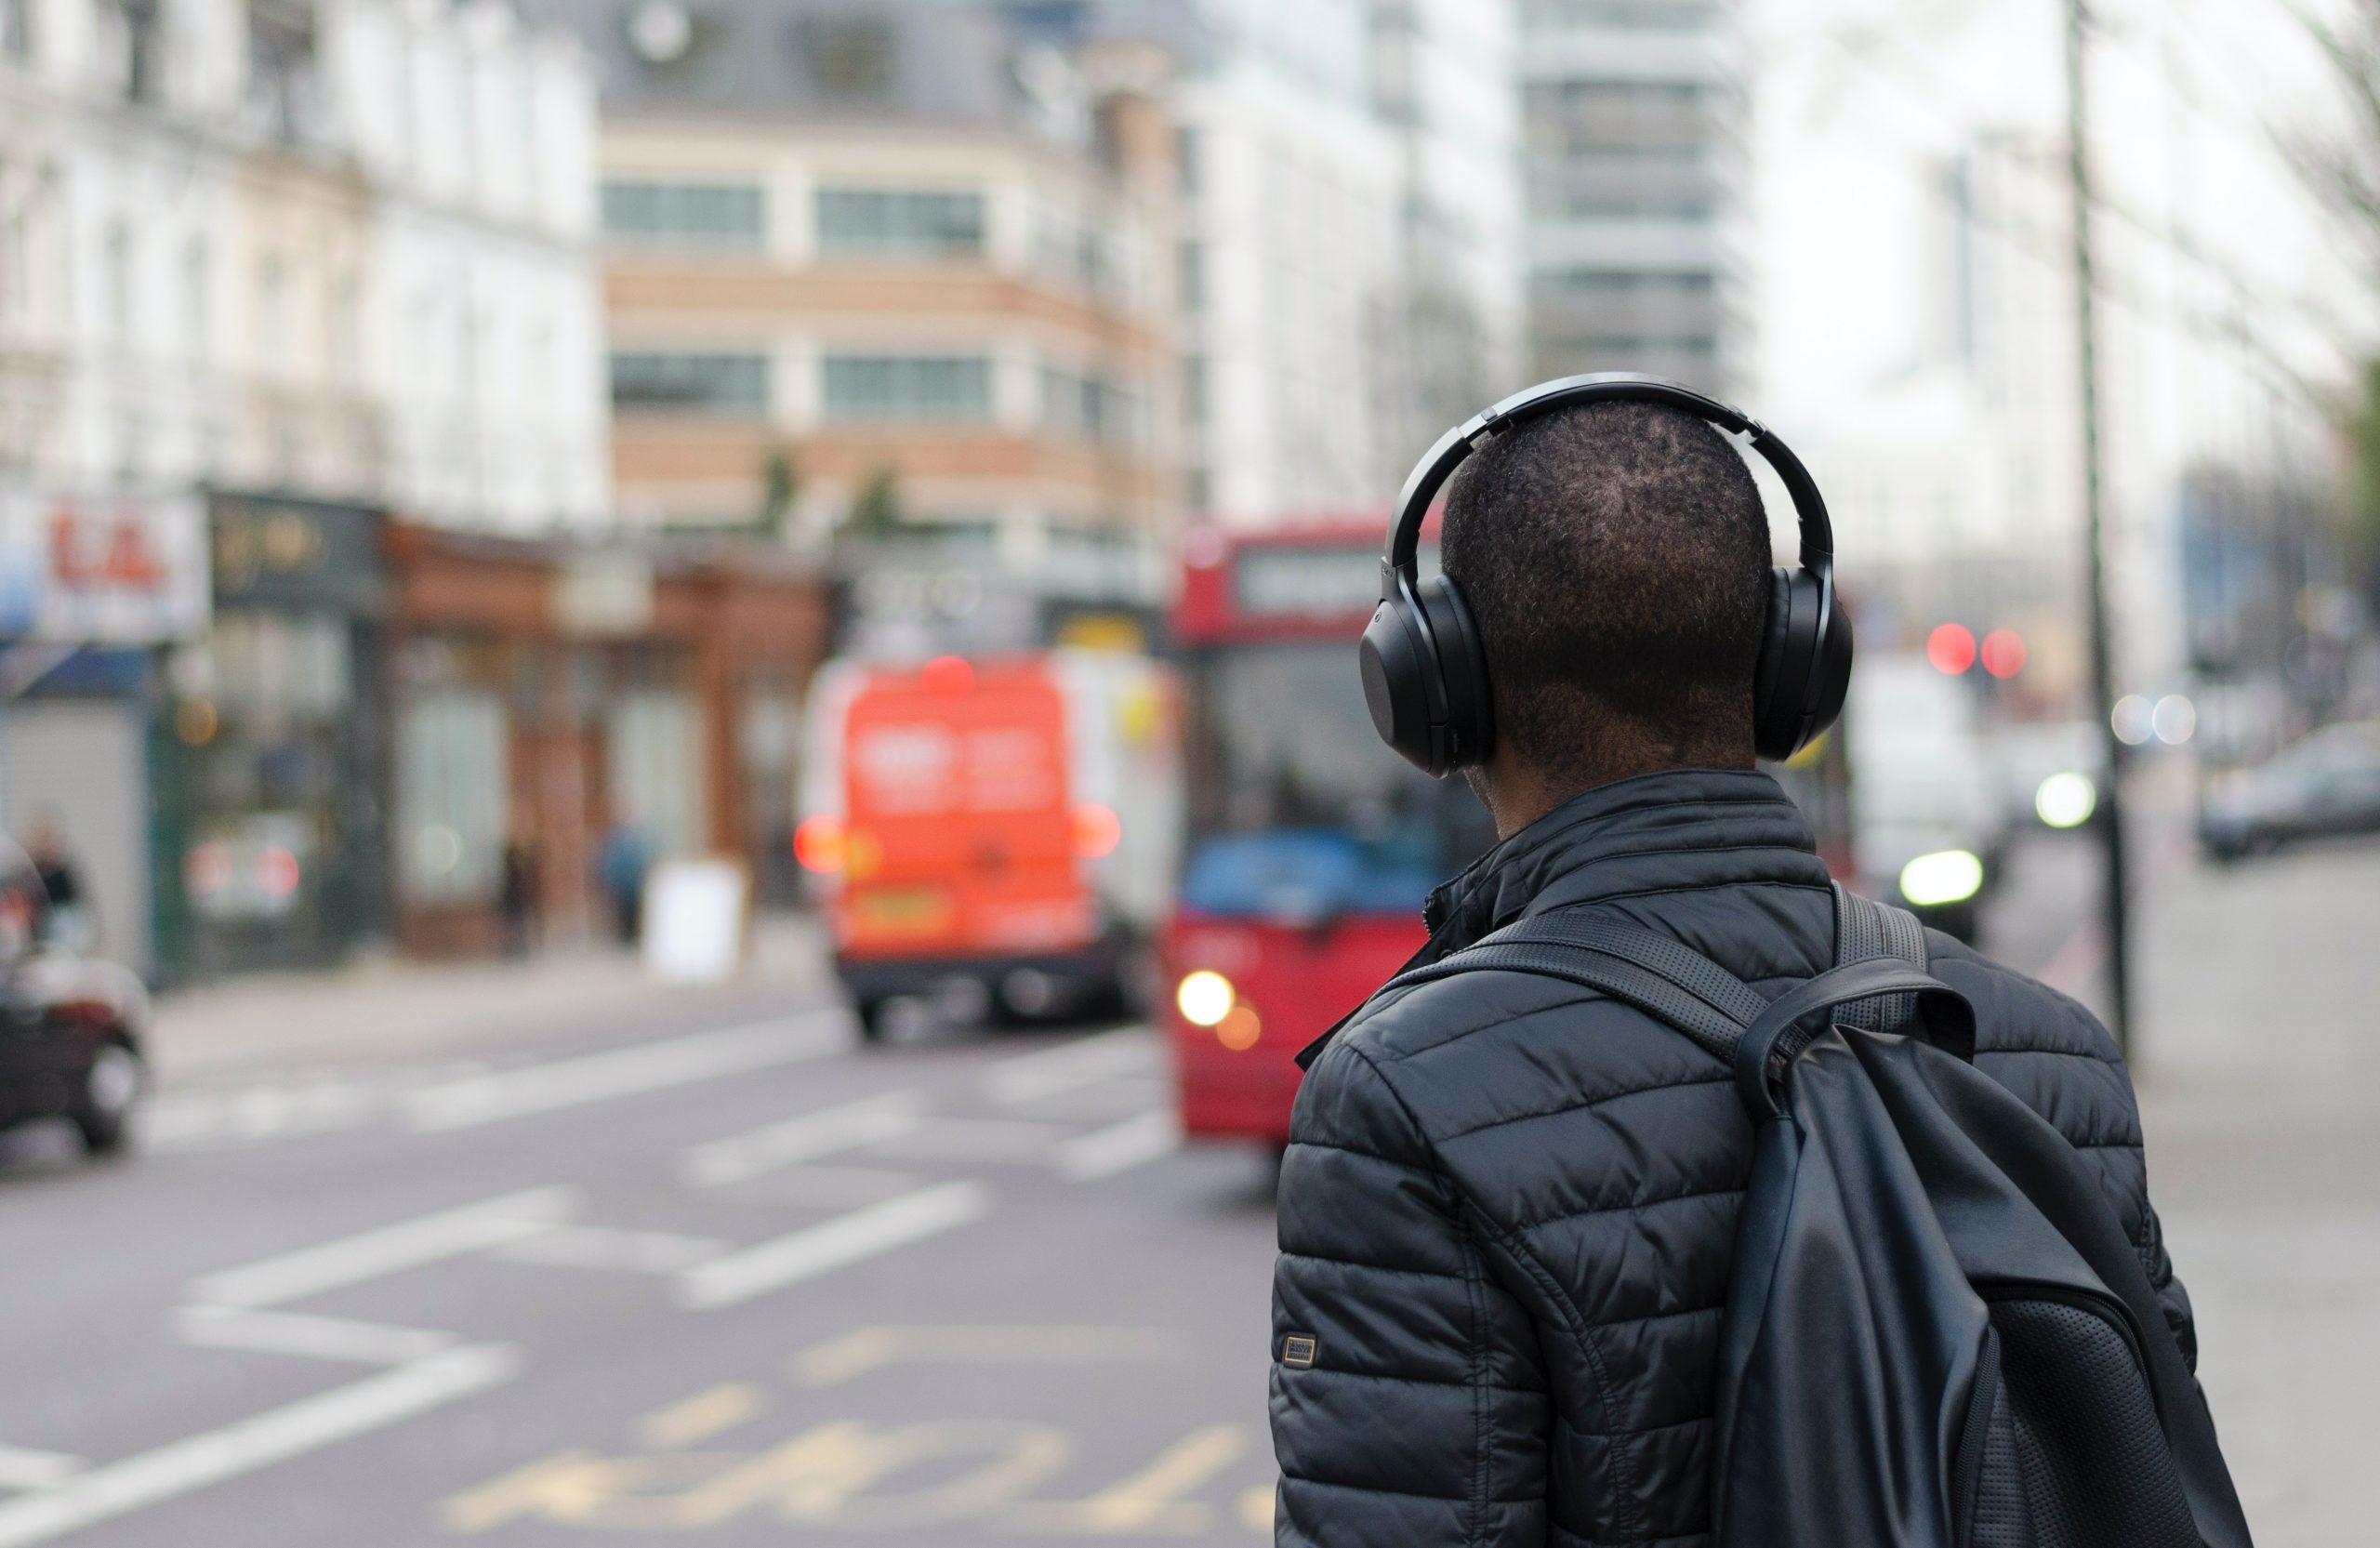 Imagem de homem com fone de ouvido Bluetooth de costas